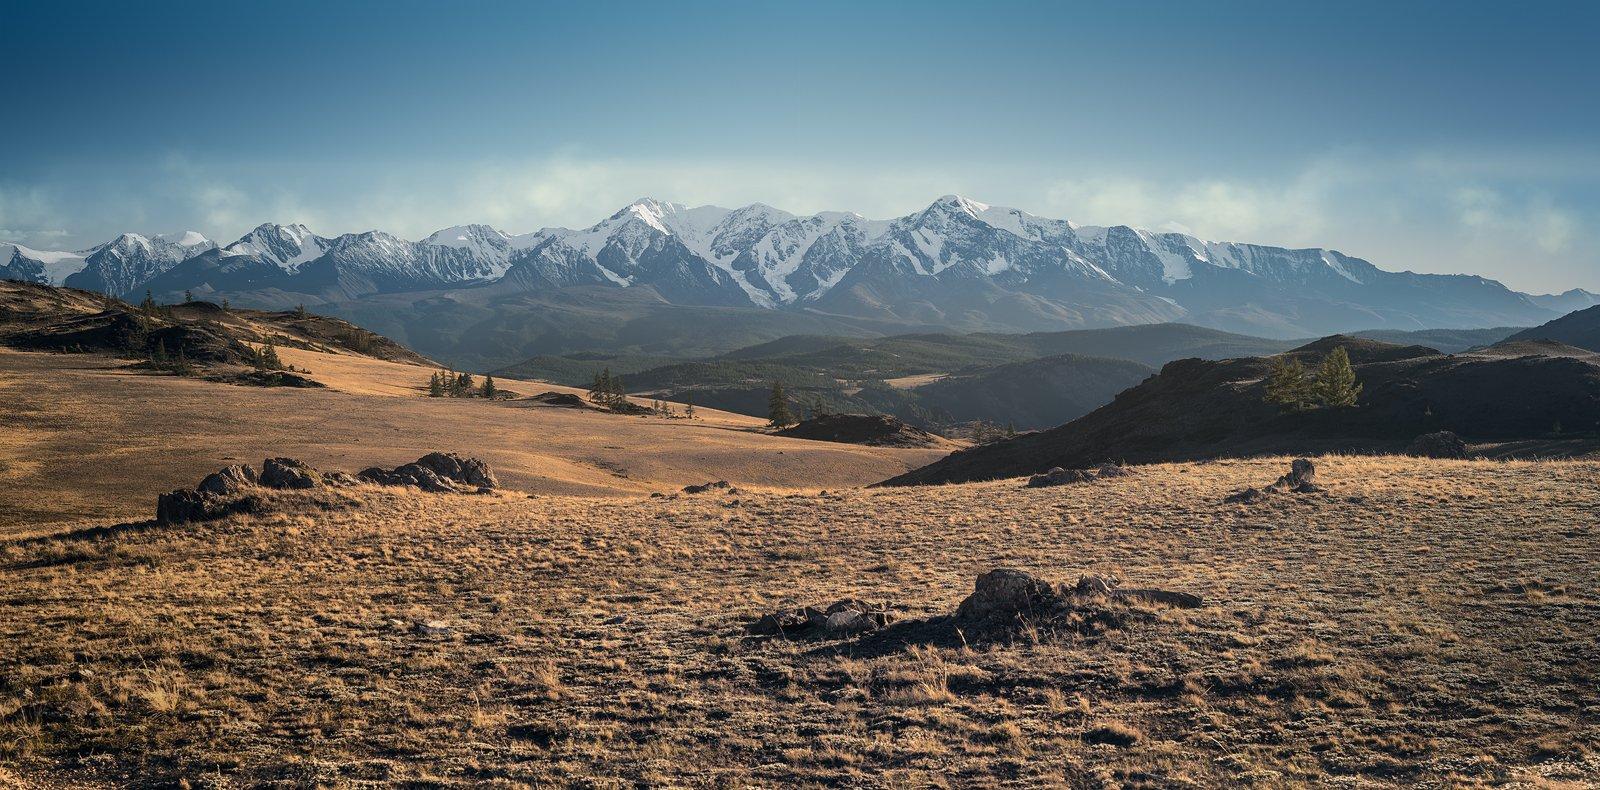 пейзаж, природа, горы, вершины, хребет, степь, долина, вечер, снег, ледники, камни, скалы, высокий, большой, красивая, Алтай, Сибирь, Курай, Чуйский, Дмитрий Антипов